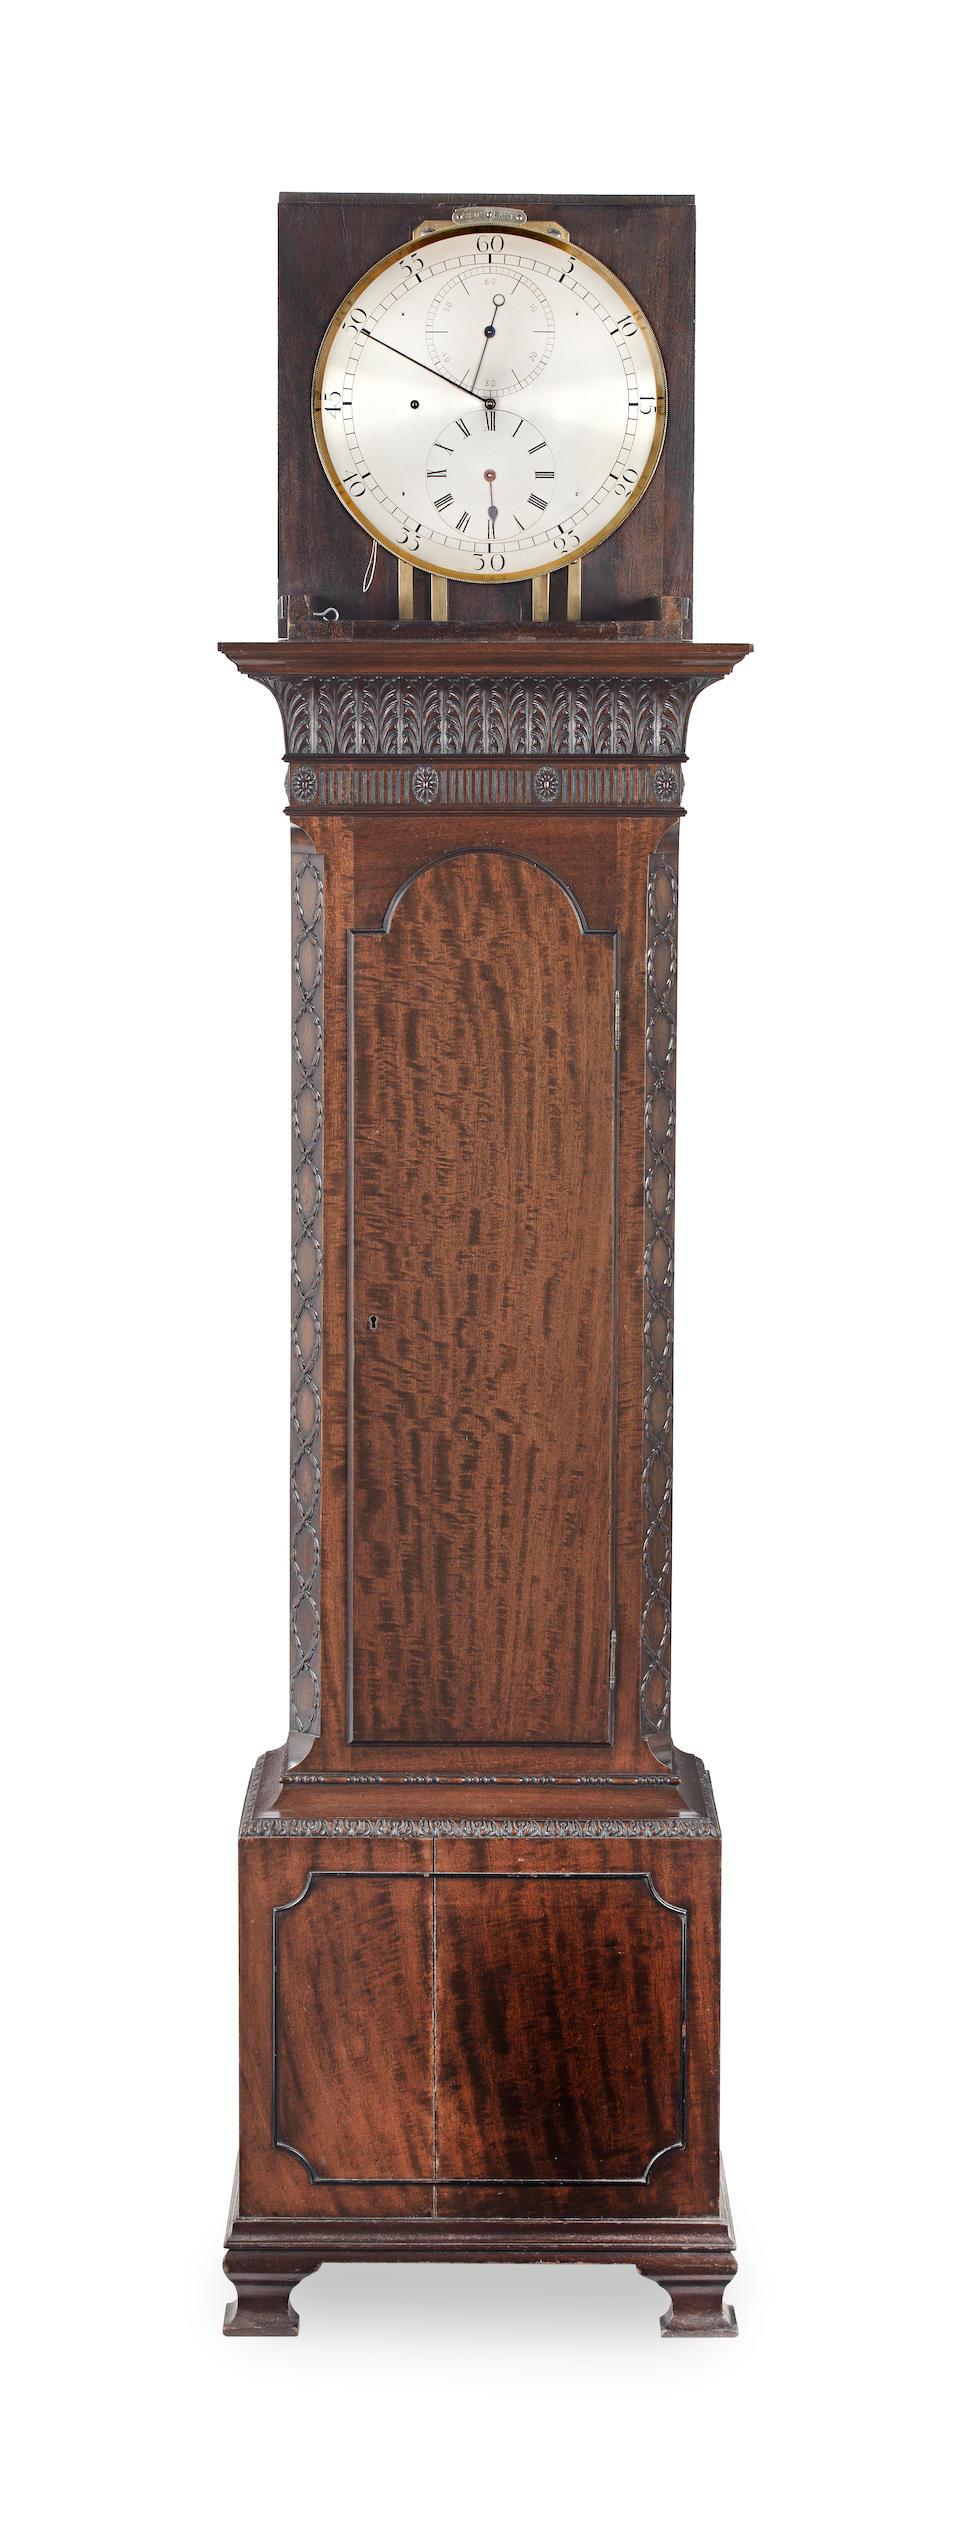 A fine late 19th Century mahogany domestic regulator